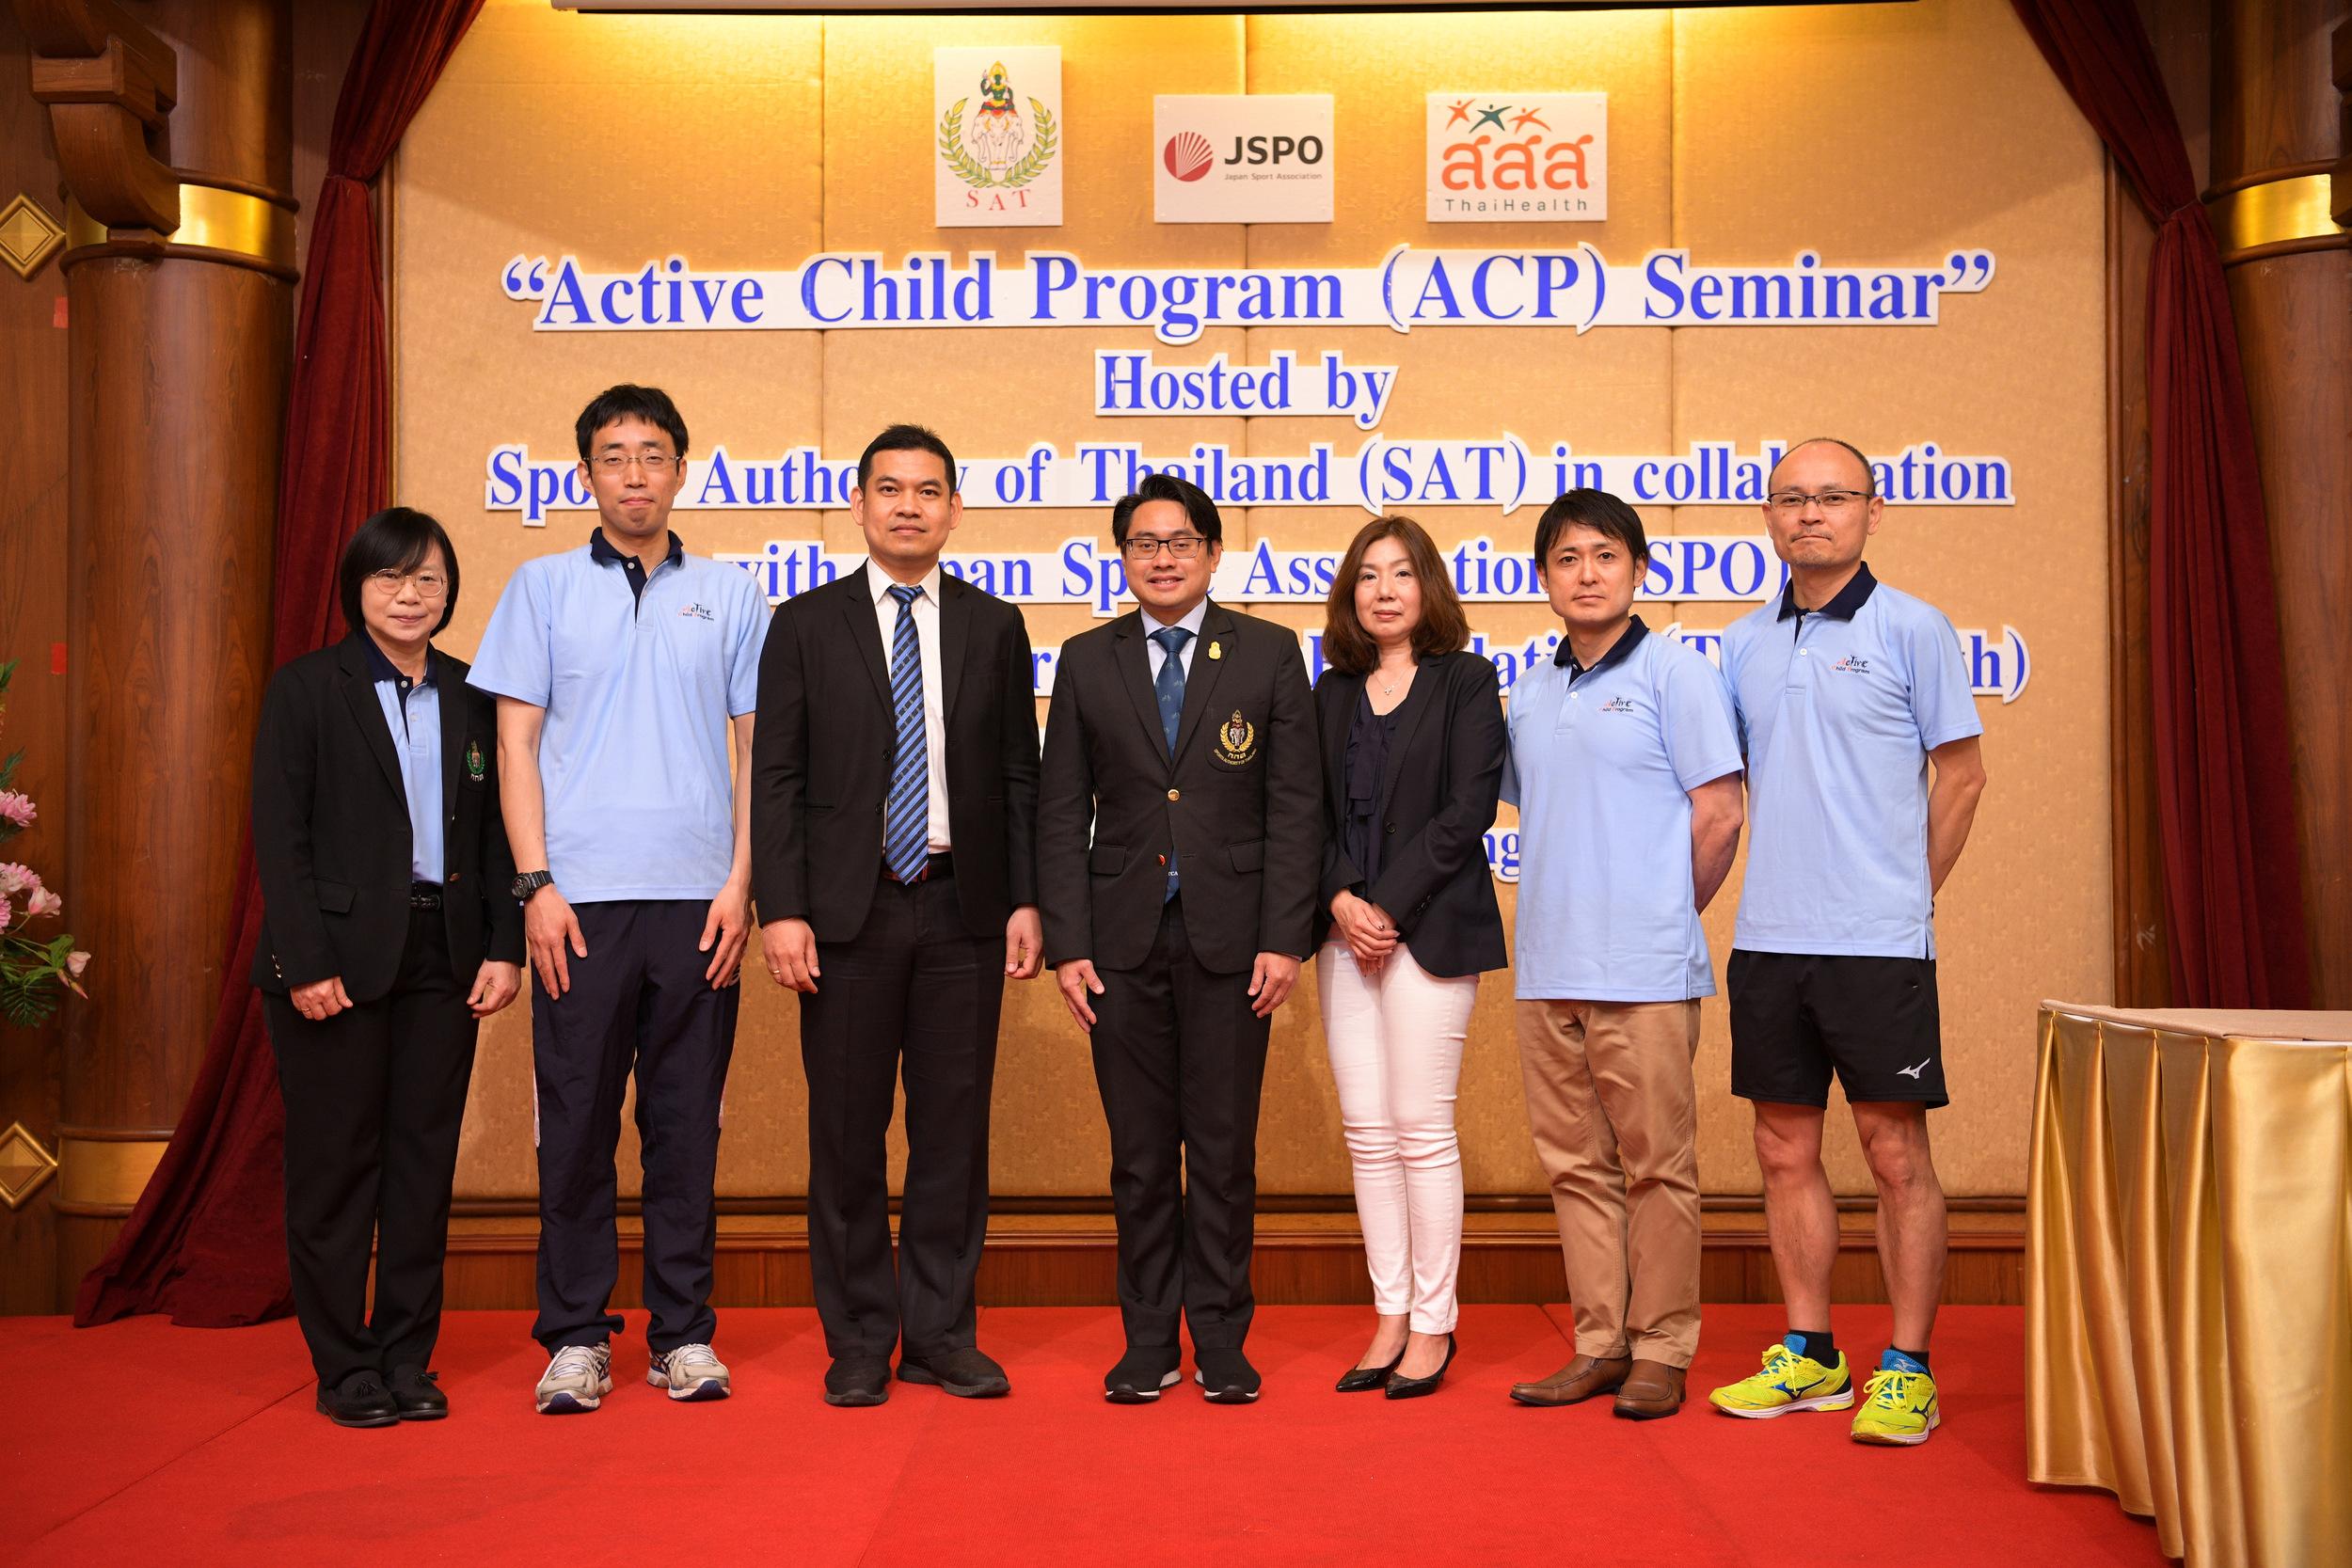 'ACP' ตัวช่วยดึงเด็กไทยออกจากหน้าจอ thaihealth